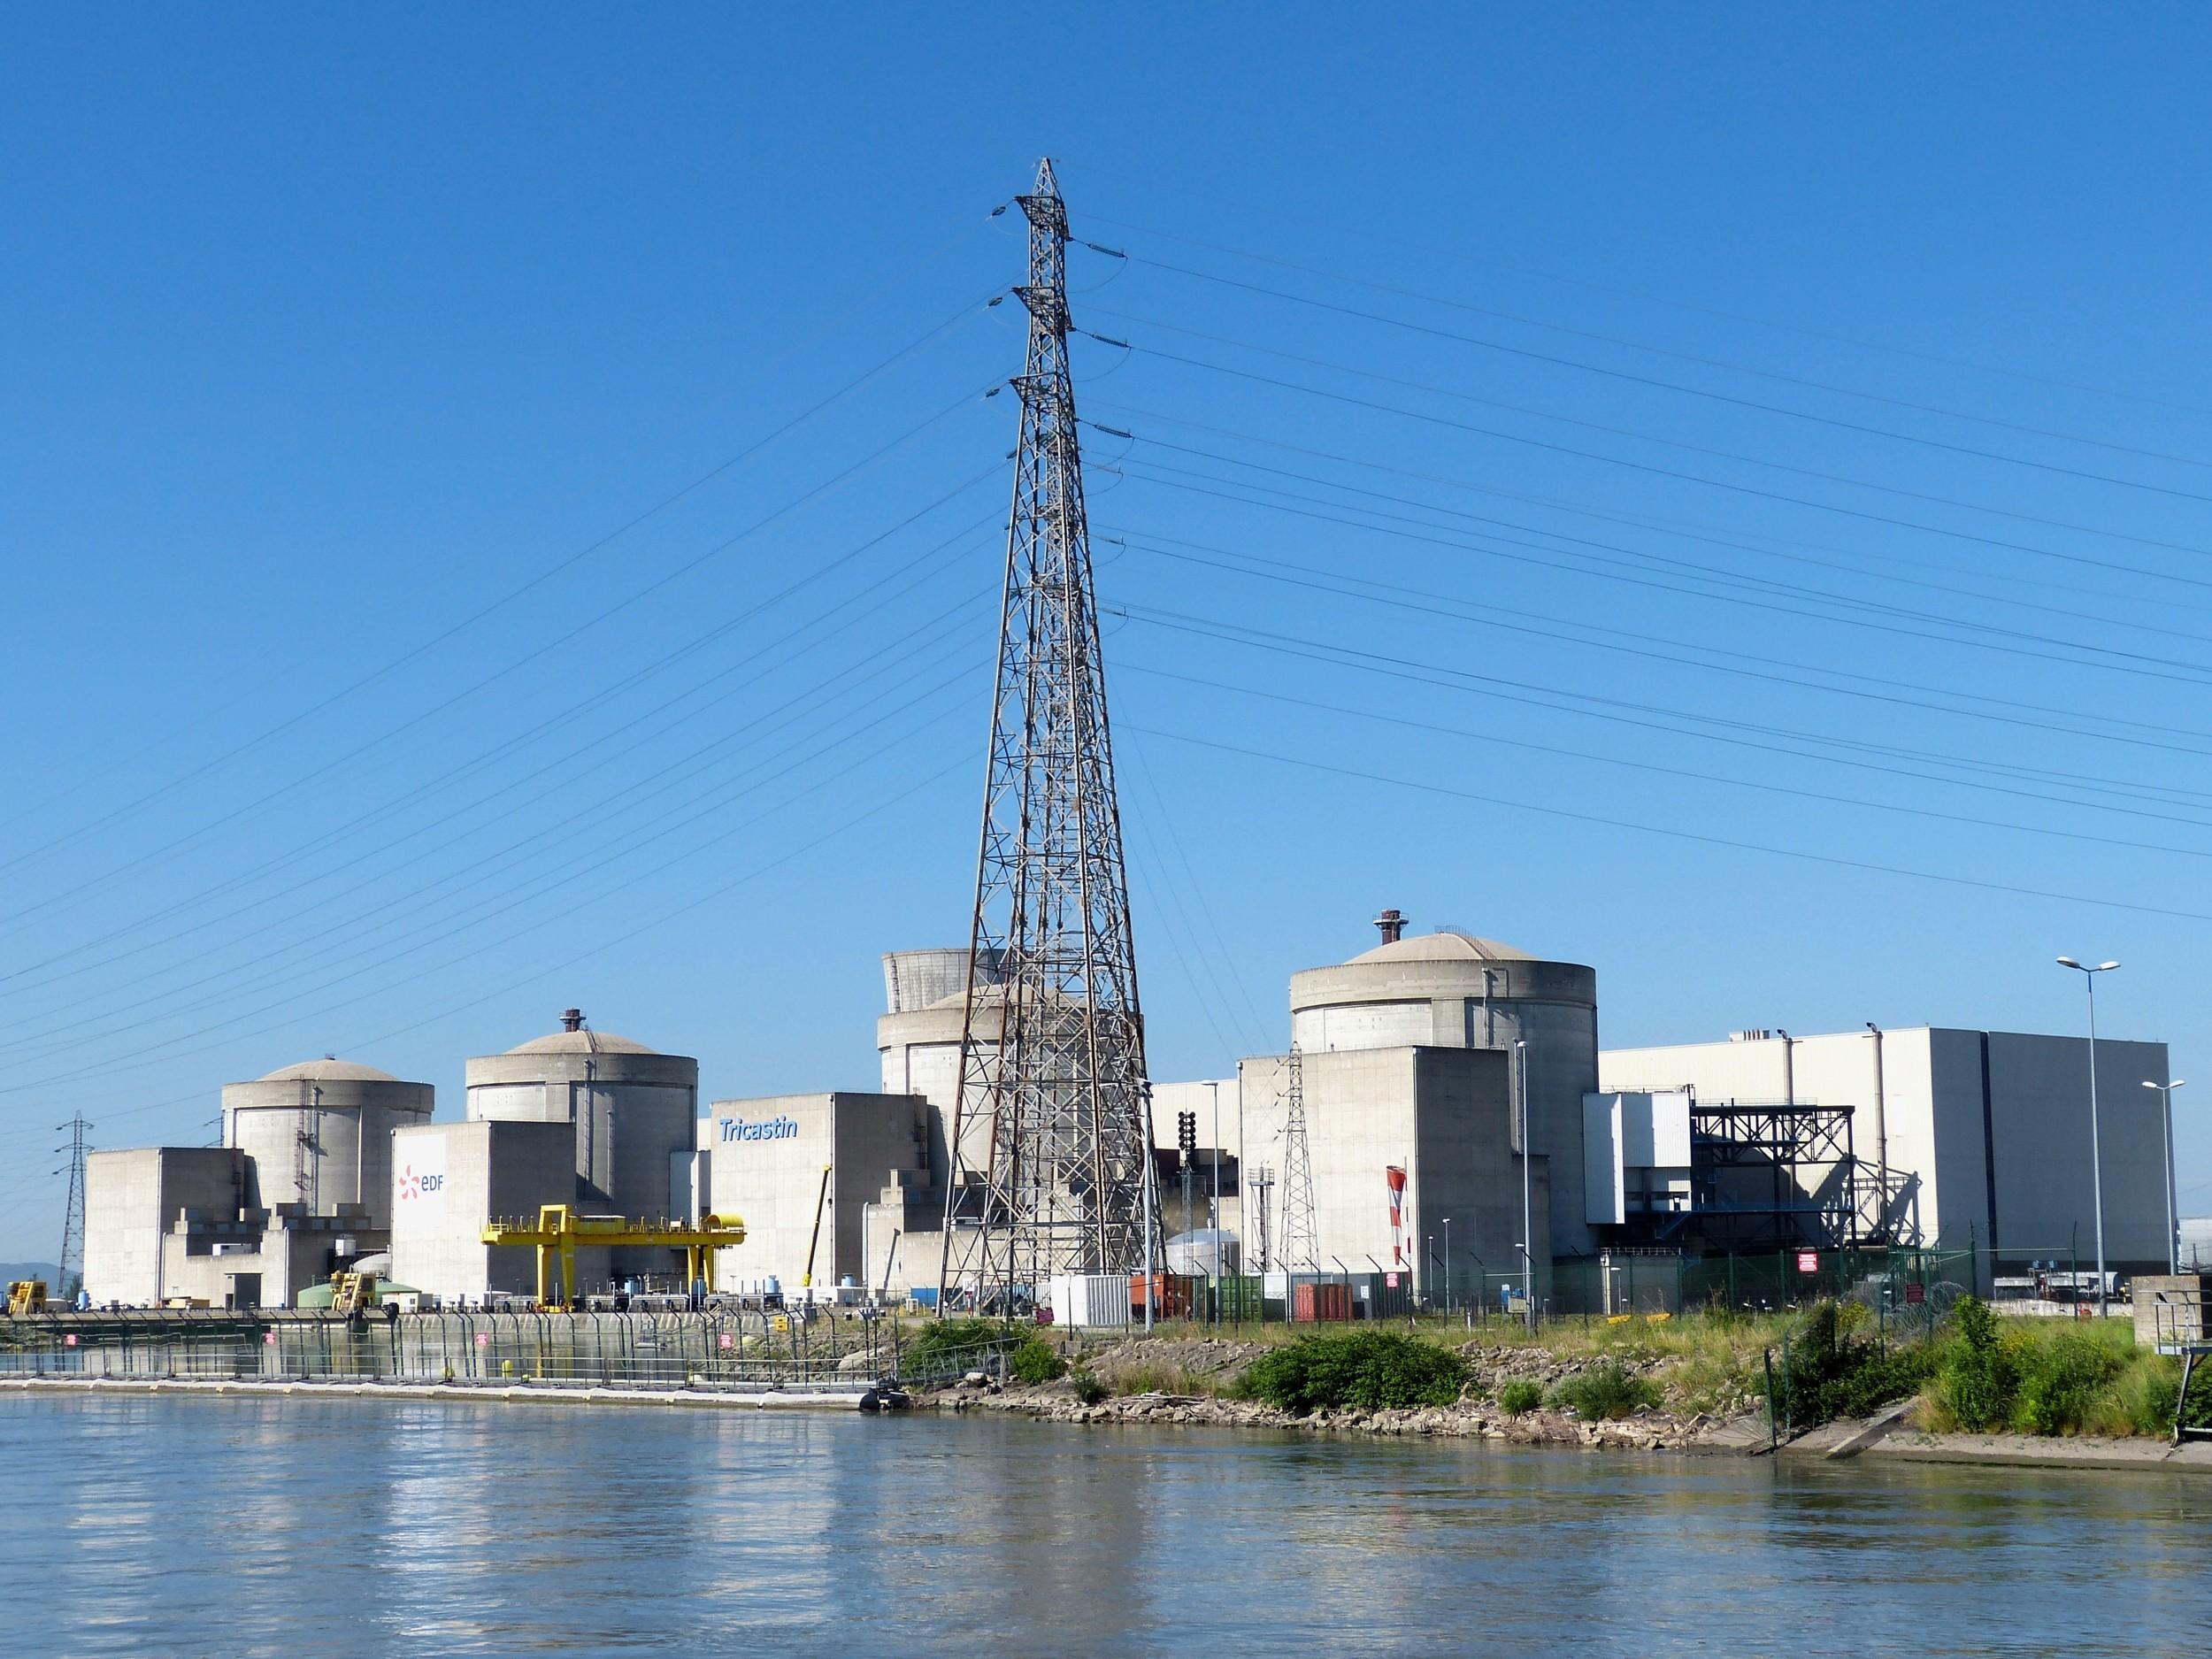 Reaktoren von Tricastin in Frankreich